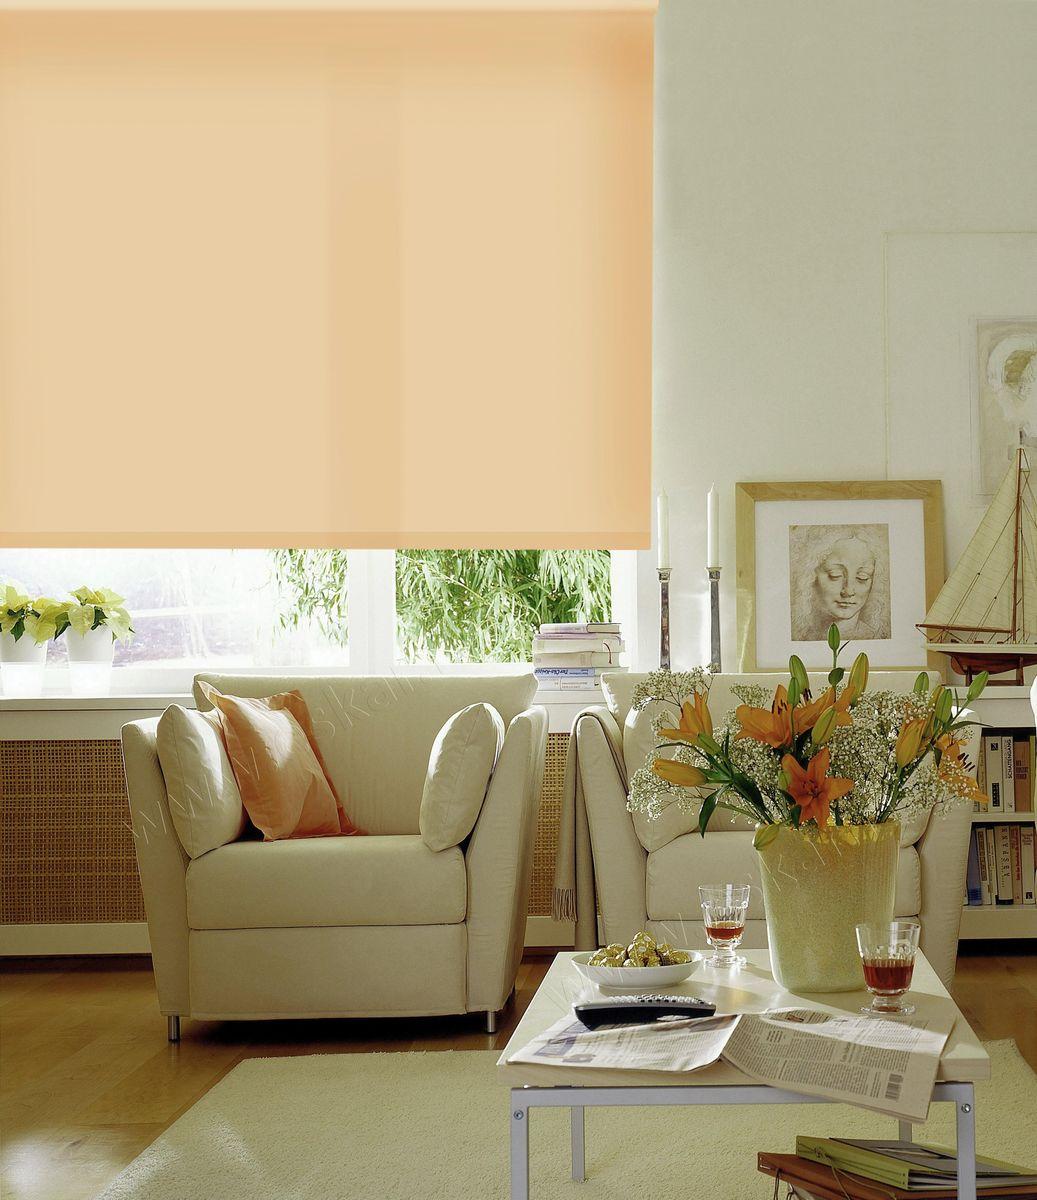 Штора рулонная Эскар, цвет: светло-абрикосовый, ширина 150 см, высота 170 см81112150170Рулонными шторами можно оформлять окна как самостоятельно, так и использовать в комбинации с портьерами. Это поможет предотвратить выгорание дорогой ткани на солнце и соединит функционал рулонных с красотой навесных. Преимущества применения рулонных штор для пластиковых окон: - имеют прекрасный внешний вид: многообразие и фактурность материала изделия отлично смотрятся в любом интерьере; - многофункциональны: есть возможность подобрать шторы способные эффективно защитить комнату от солнца, при этом о на не будет слишком темной. - Есть возможность осуществить быстрый монтаж. ВНИМАНИЕ! Размеры ширины изделия указаны по ширине ткани! Во время эксплуатации не рекомендуется полностью разматывать рулон, чтобы не оторвать ткань от намоточного вала. В случае загрязнения поверхности ткани, чистку шторы проводят одним из способов, в зависимости от типа загрязнения: легкое поверхностное загрязнение можно удалить при помощи...